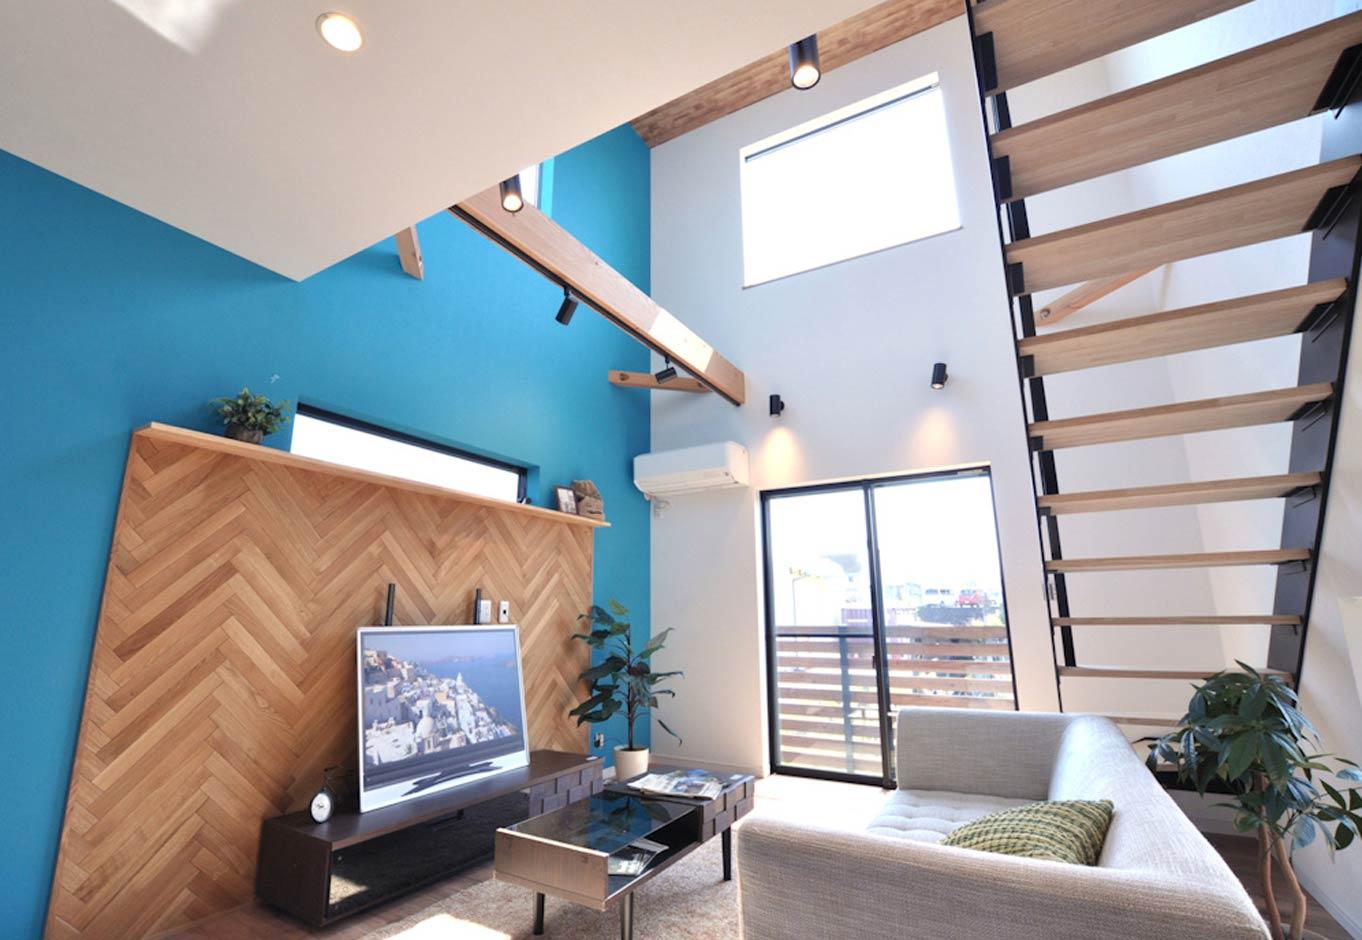 Asobi-創家(アソビスミカ)/ナカジツ【デザイン住宅、趣味、間取り】リビングは高い吹抜けを採用したことで、床面積31坪とは思えないほどの開放感がある。窓も大きめに取り、十分な光と風を採り込める。ビビッドなブルーのクロスに無垢のヘリンボーン貼りが絶妙にマッチし、海辺のリゾートホテルのような雰囲気を演出